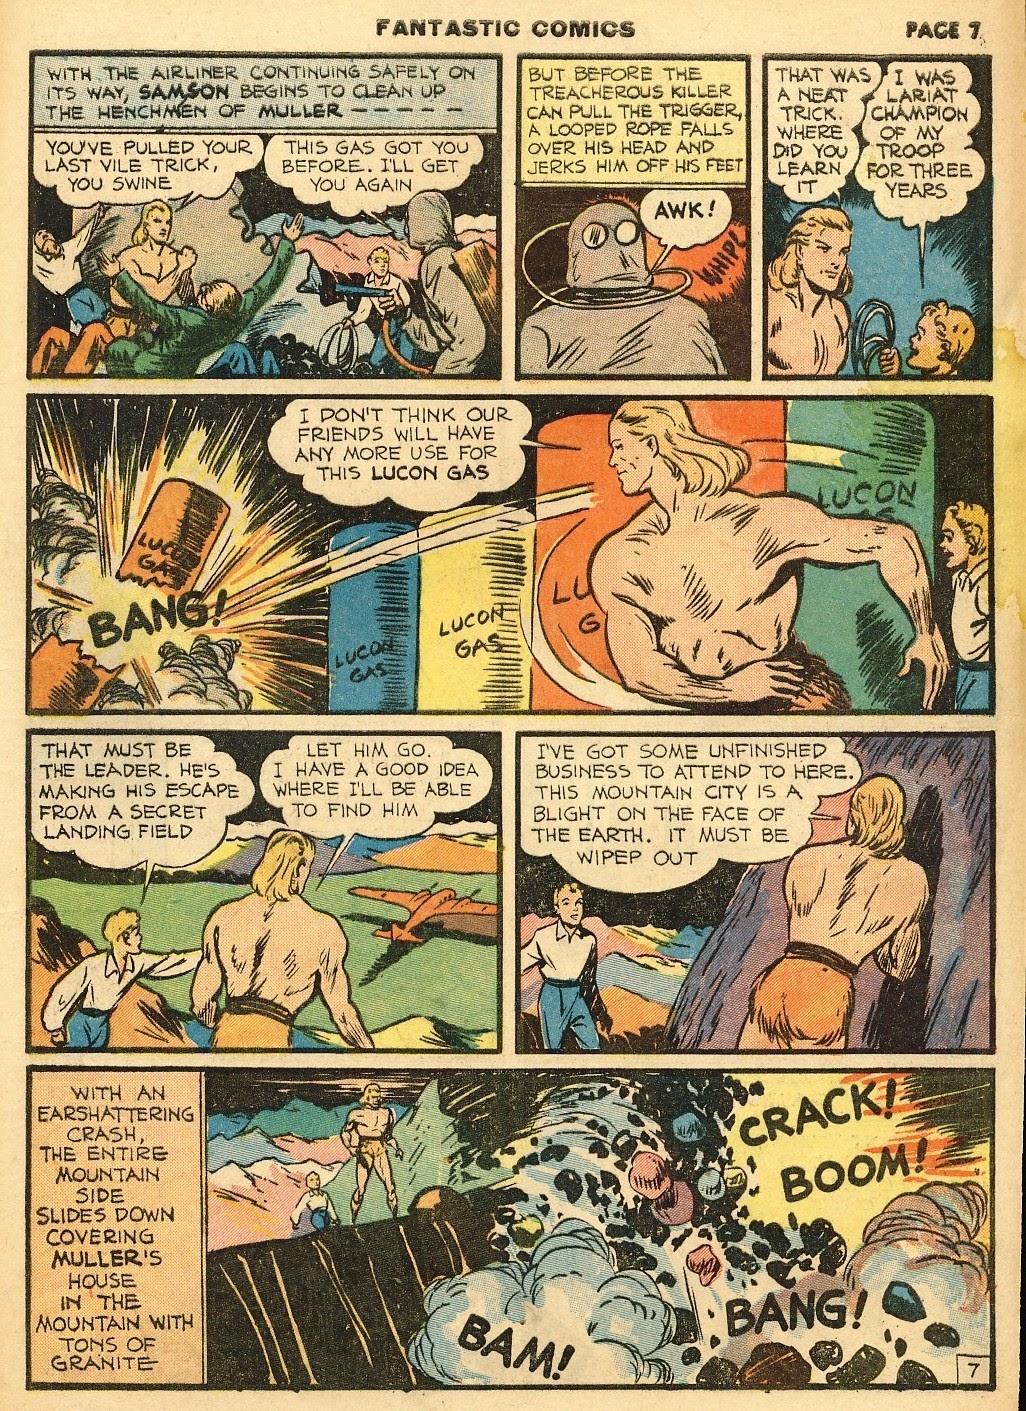 Read online Fantastic Comics comic -  Issue #10 - 8